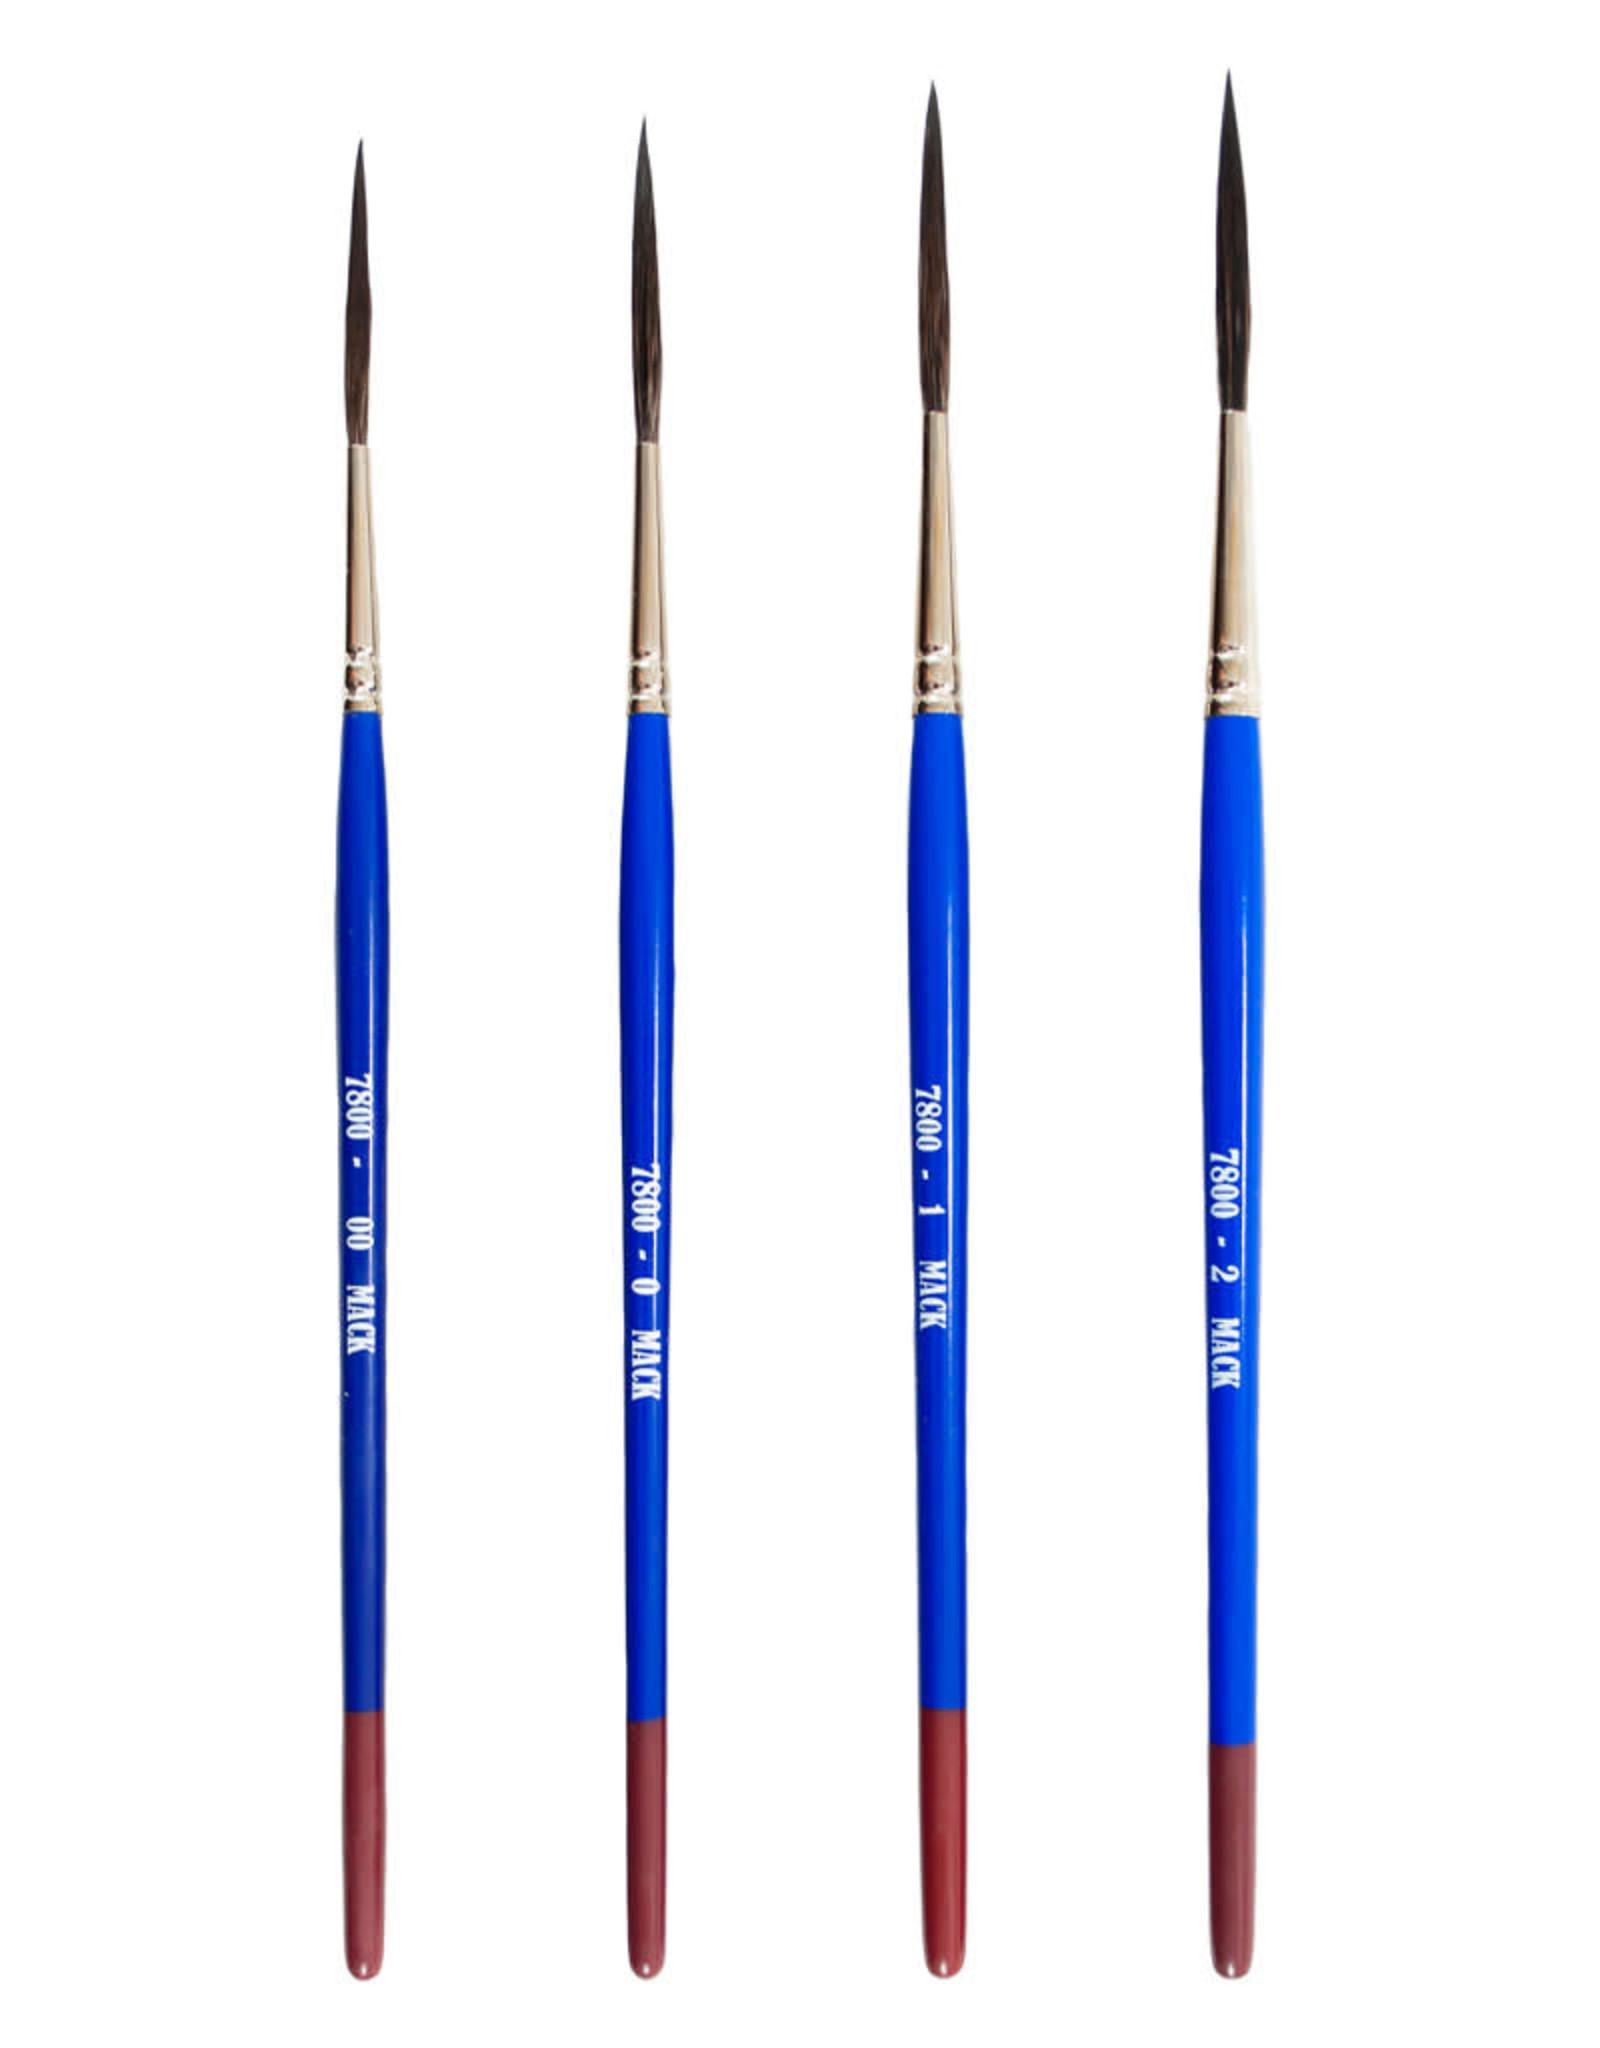 Mack Brushes Mack Series 7800 Long Handled Bobbo Liner Brushes